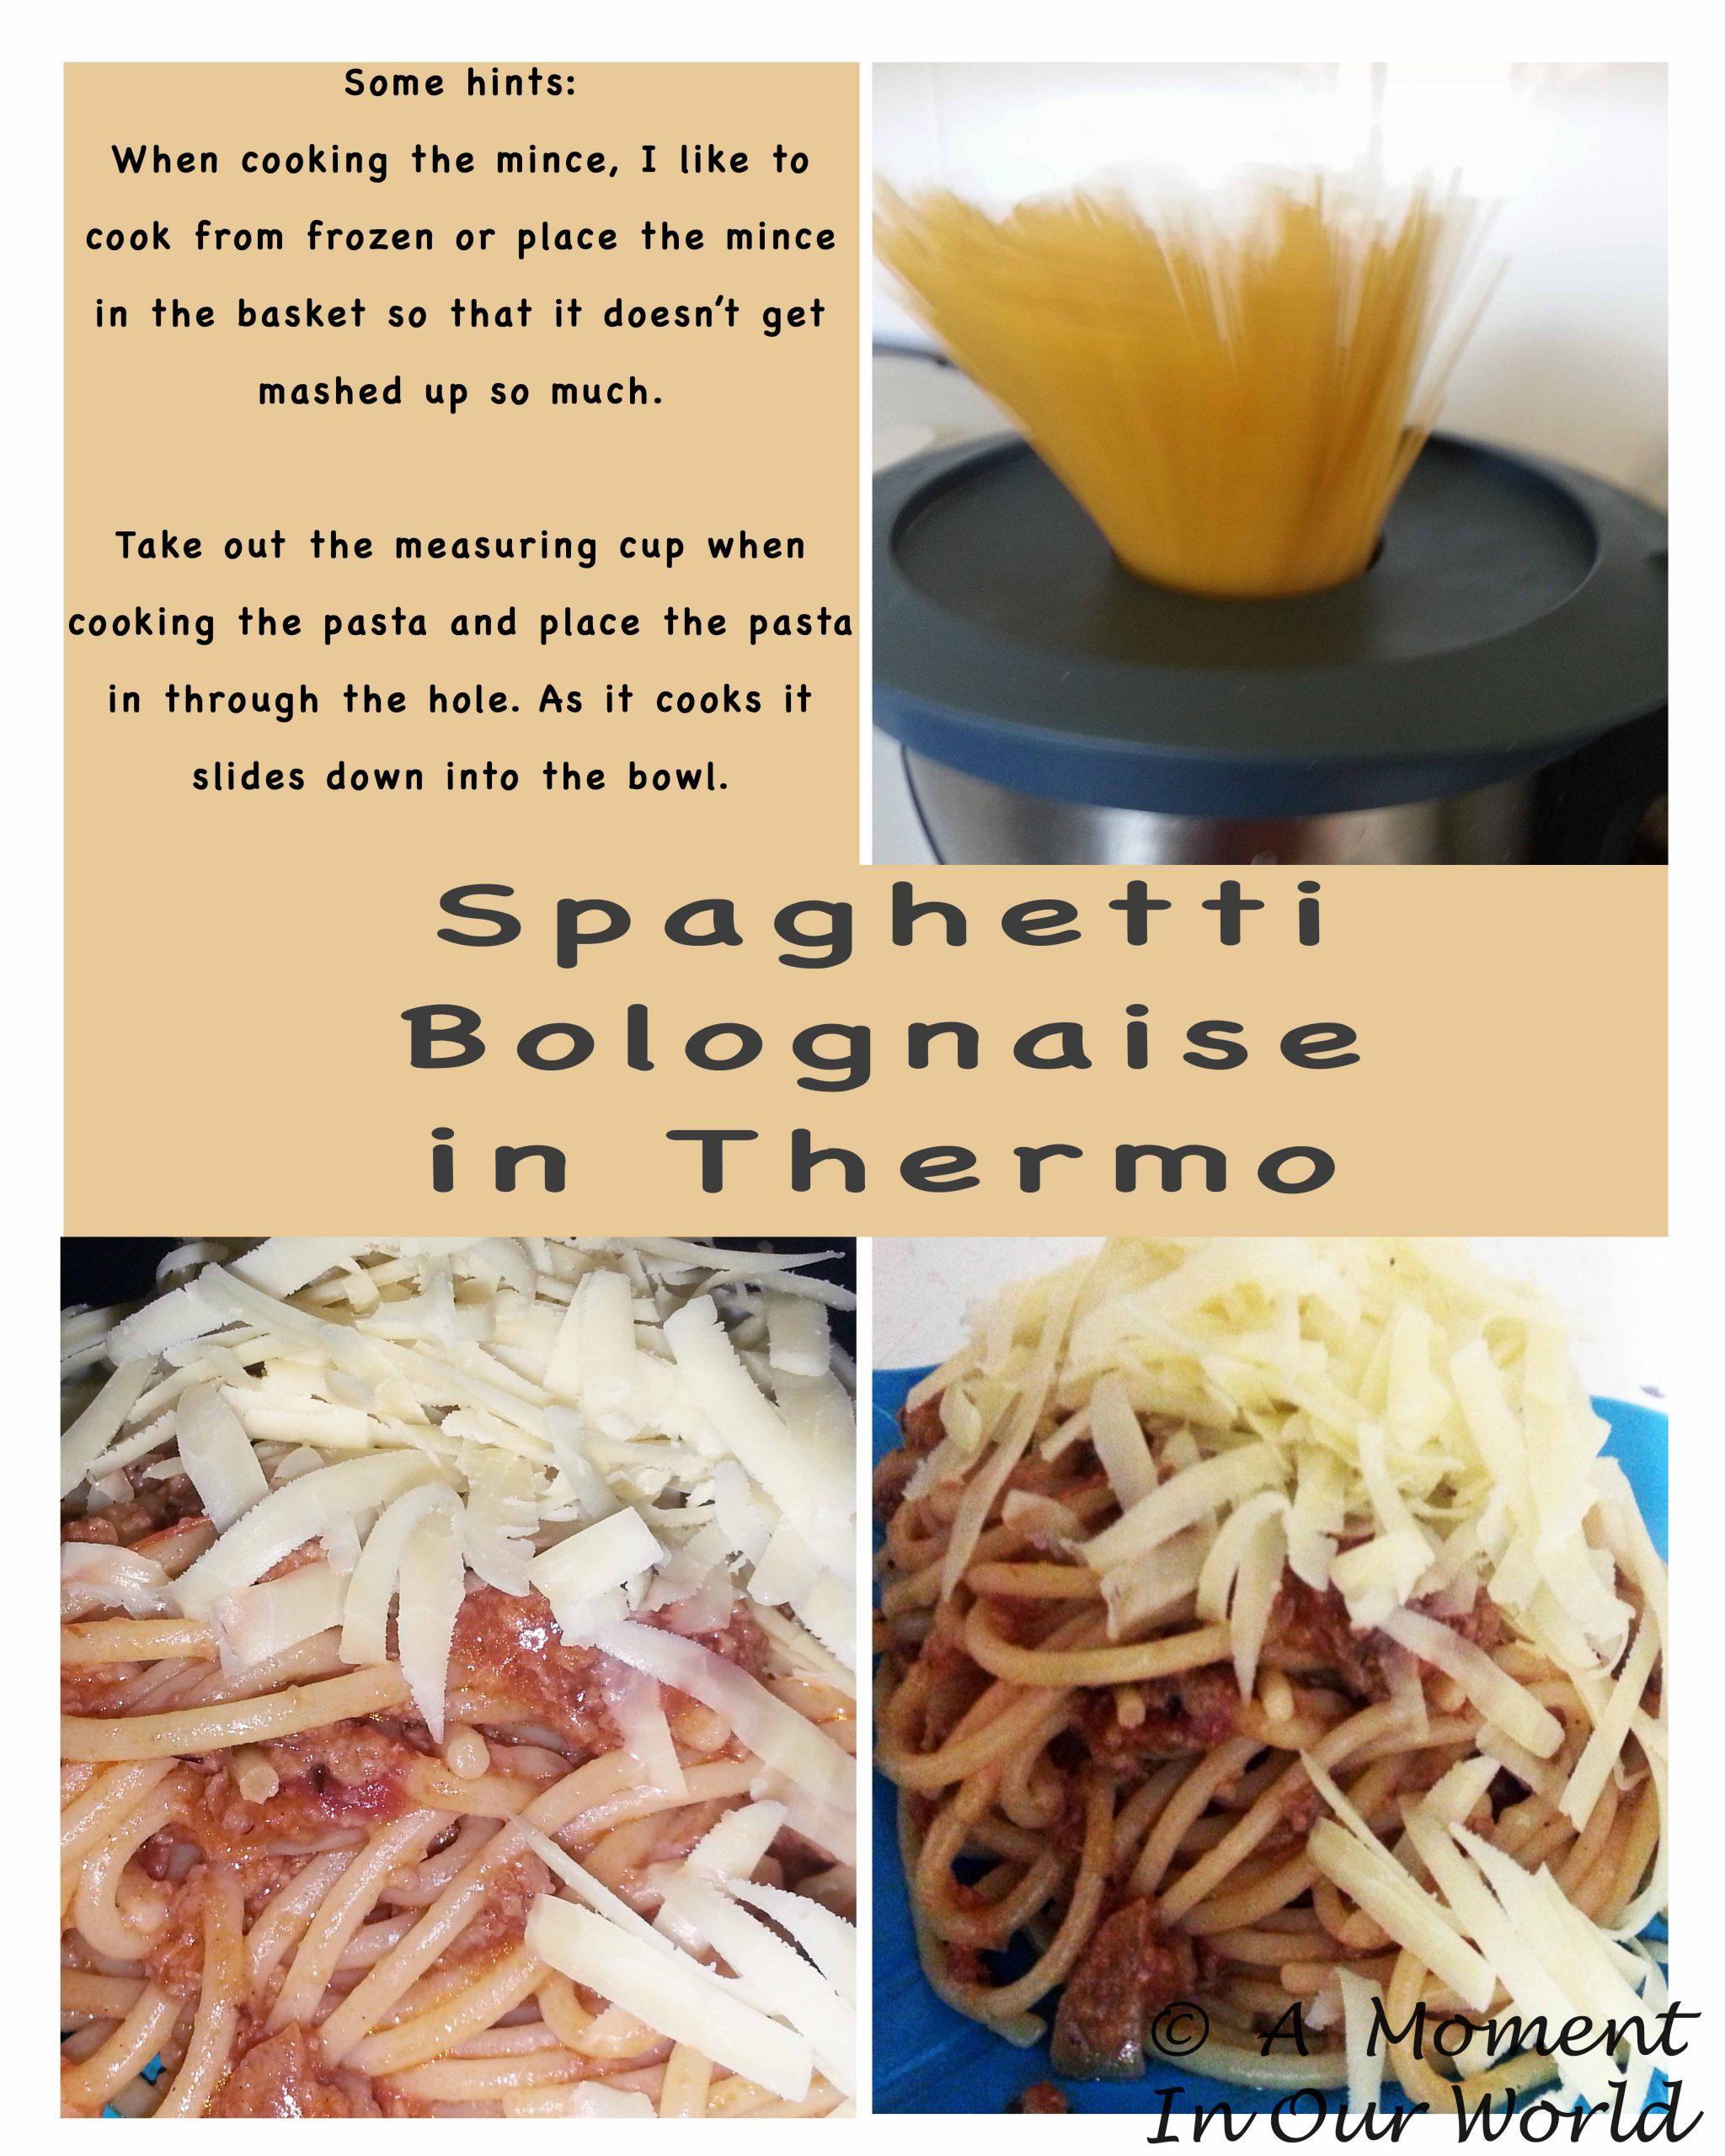 Spaghetti Bolognese - Thermo